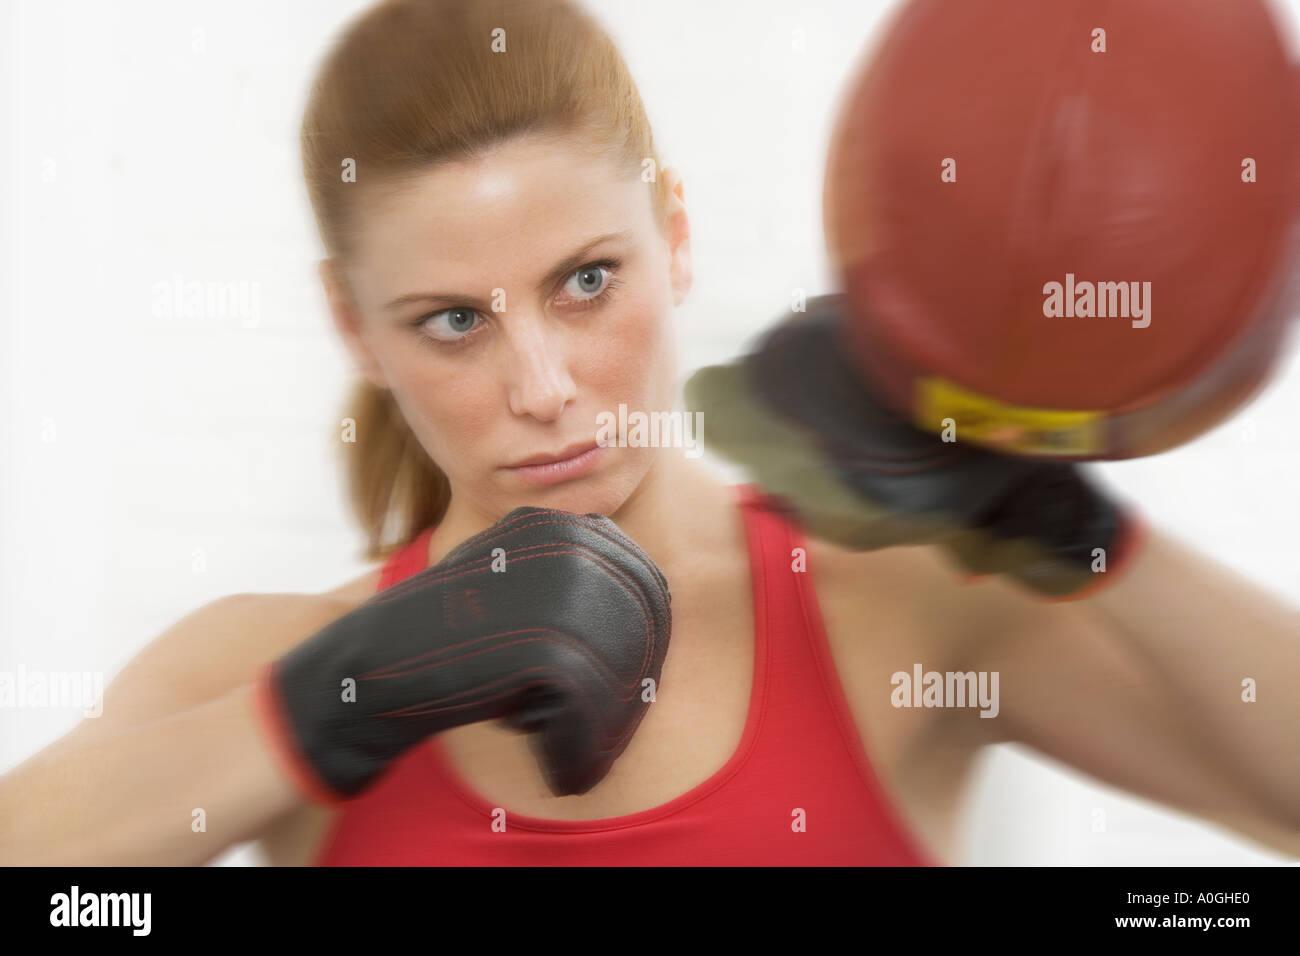 Female boxer hitting punching bag Stock Photo